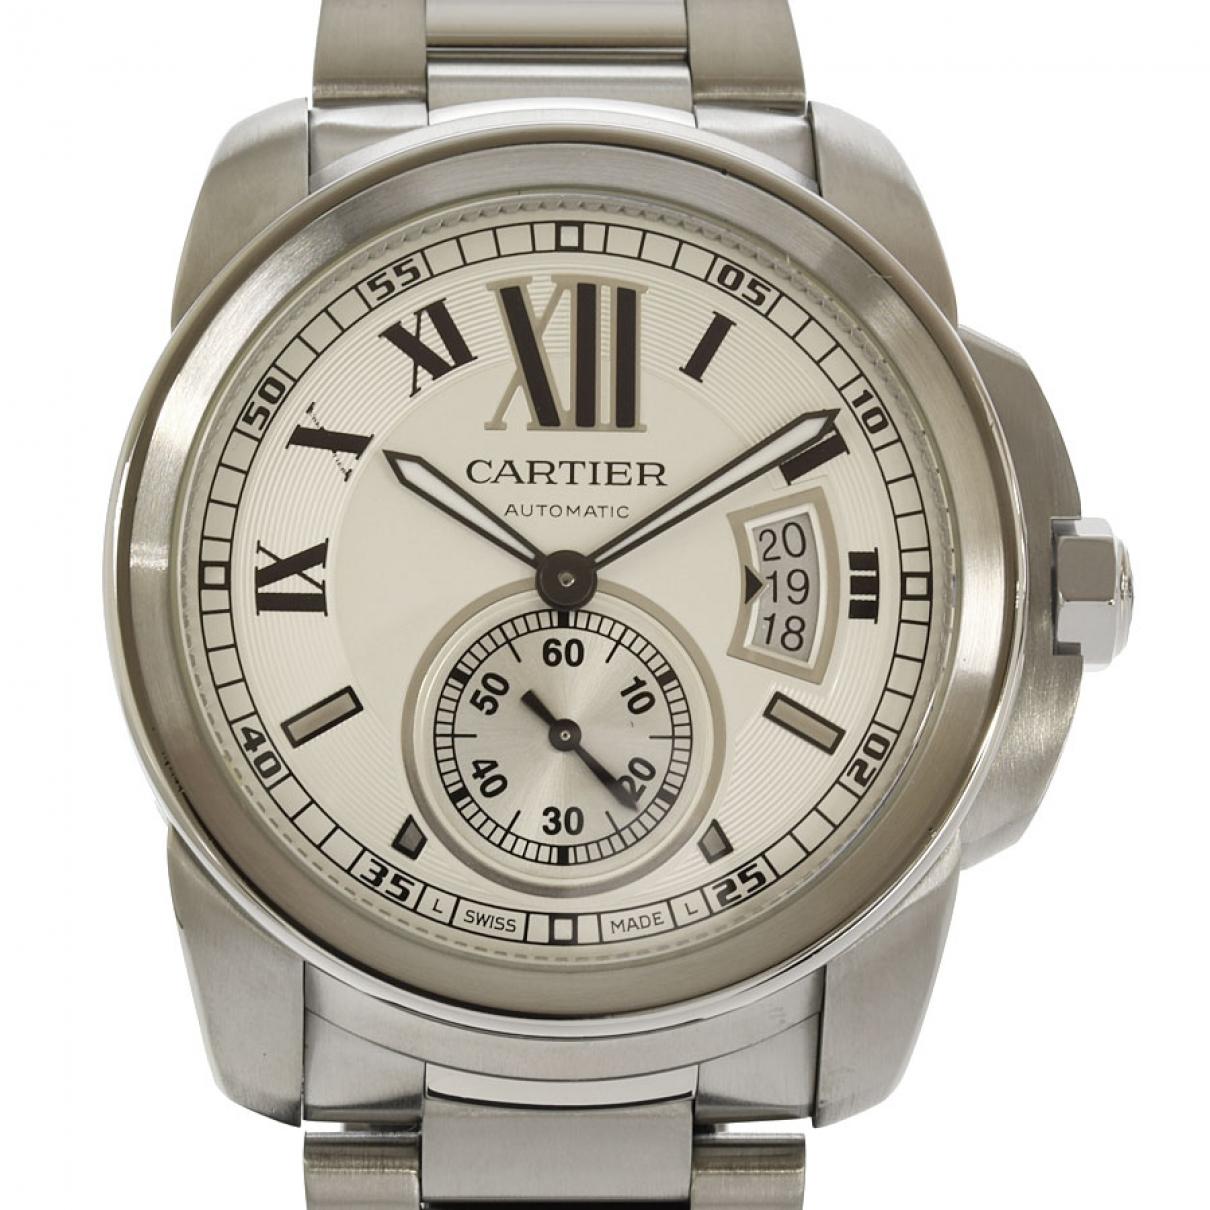 Relojes Calibre Cartier